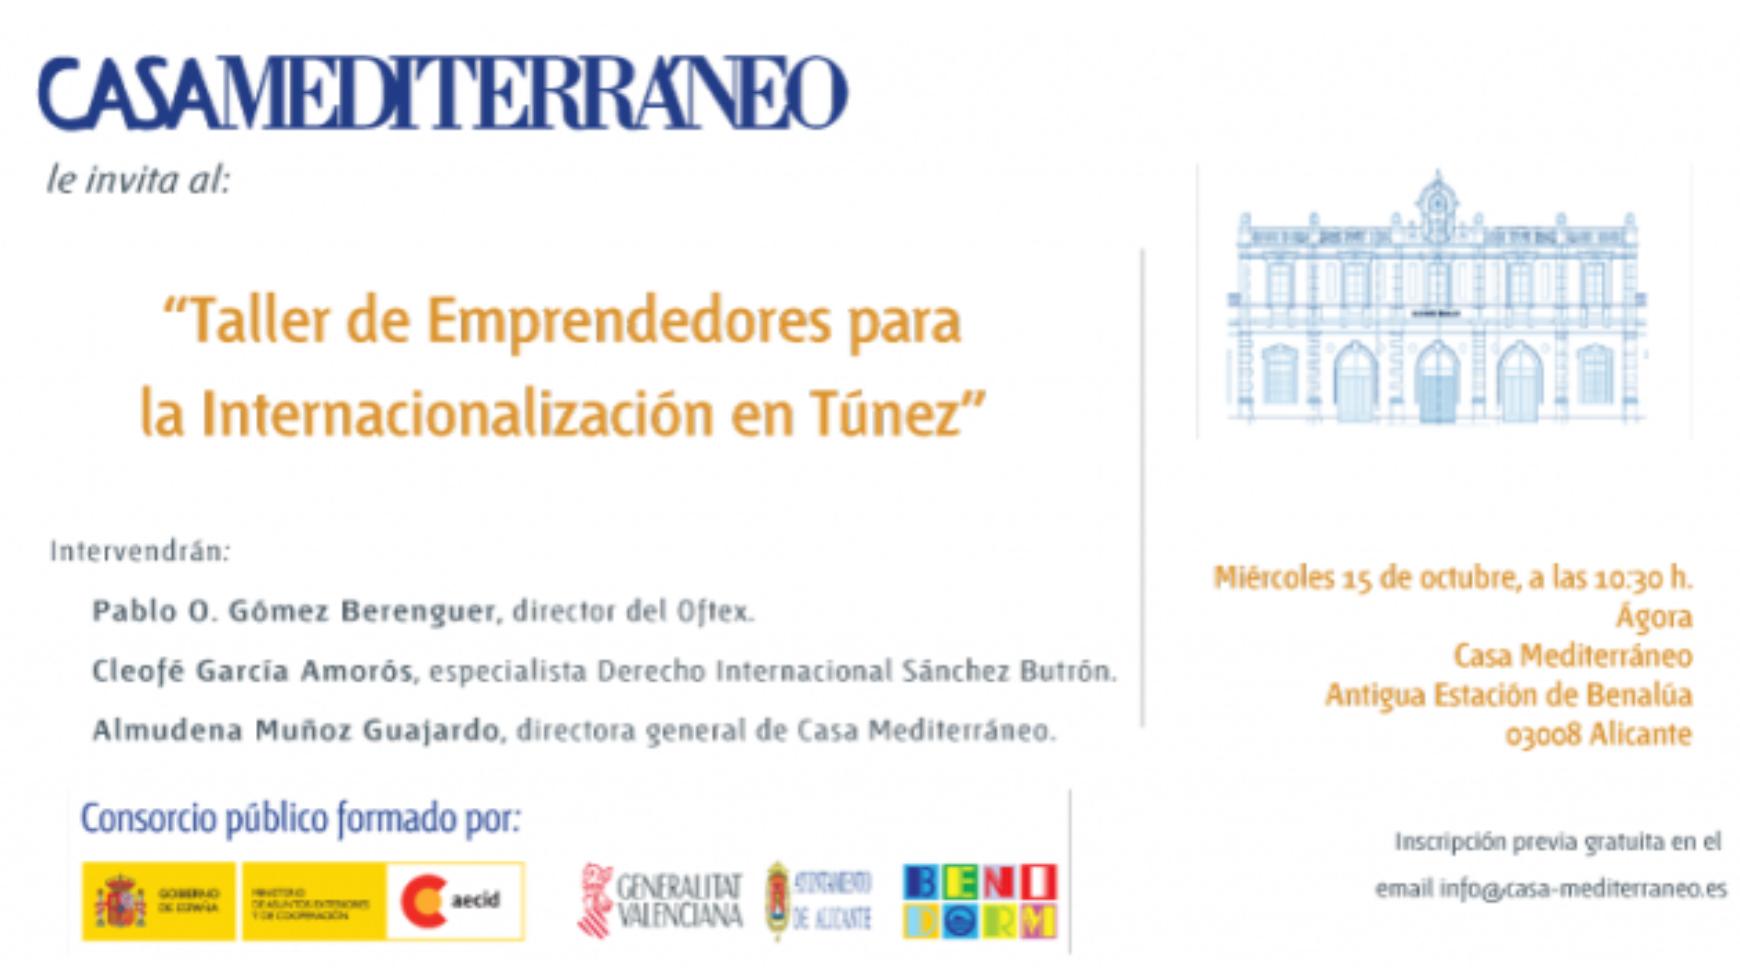 CASA MEDITERRANEO: taller emprendedores para la internacionalización en Túnez